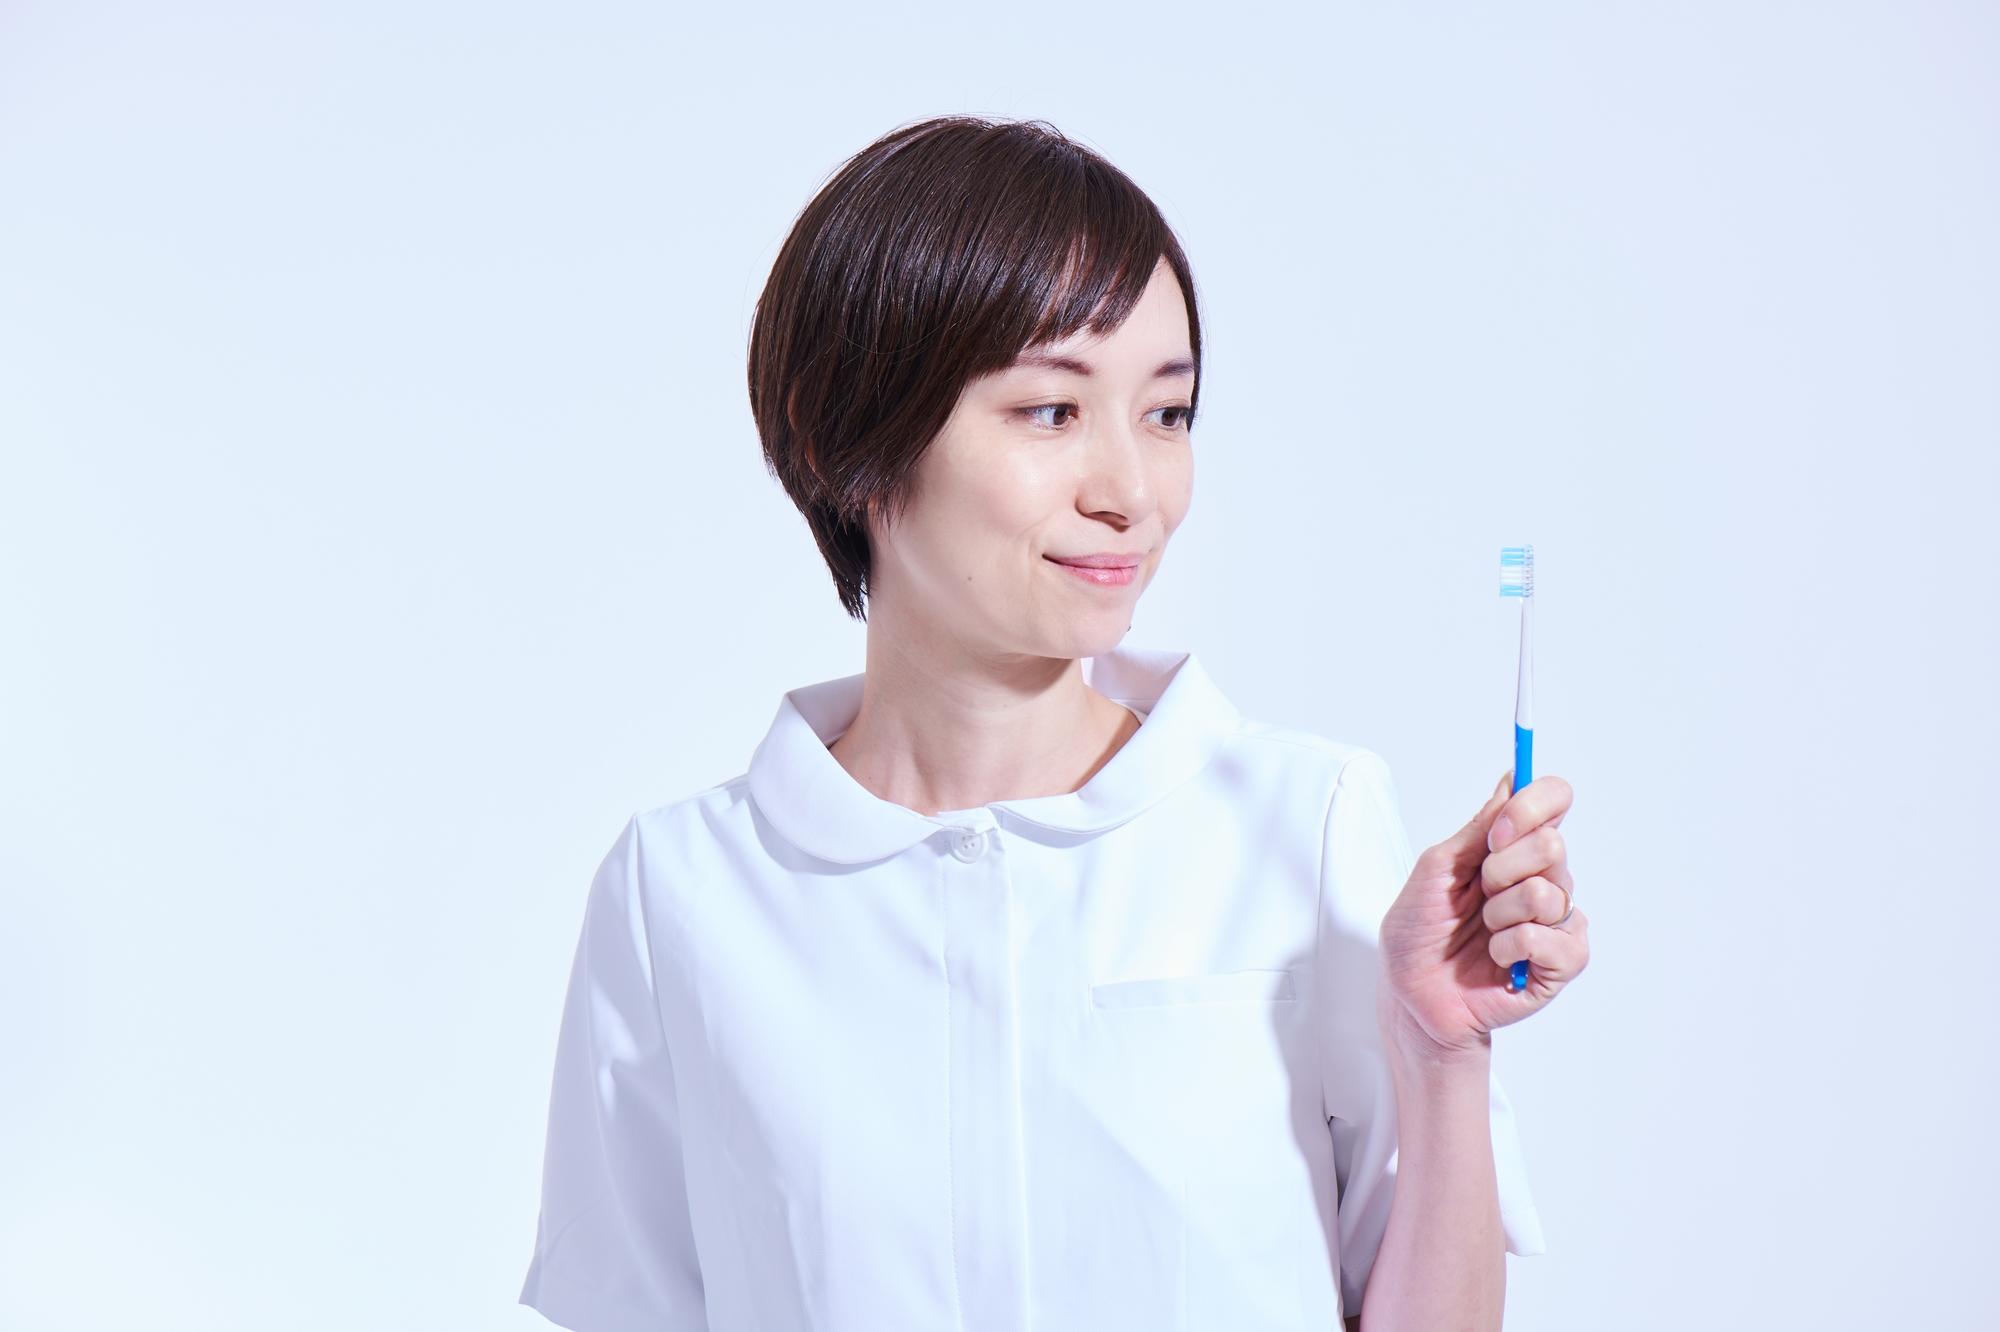 歯ブラシを見つめる歯科衛生士